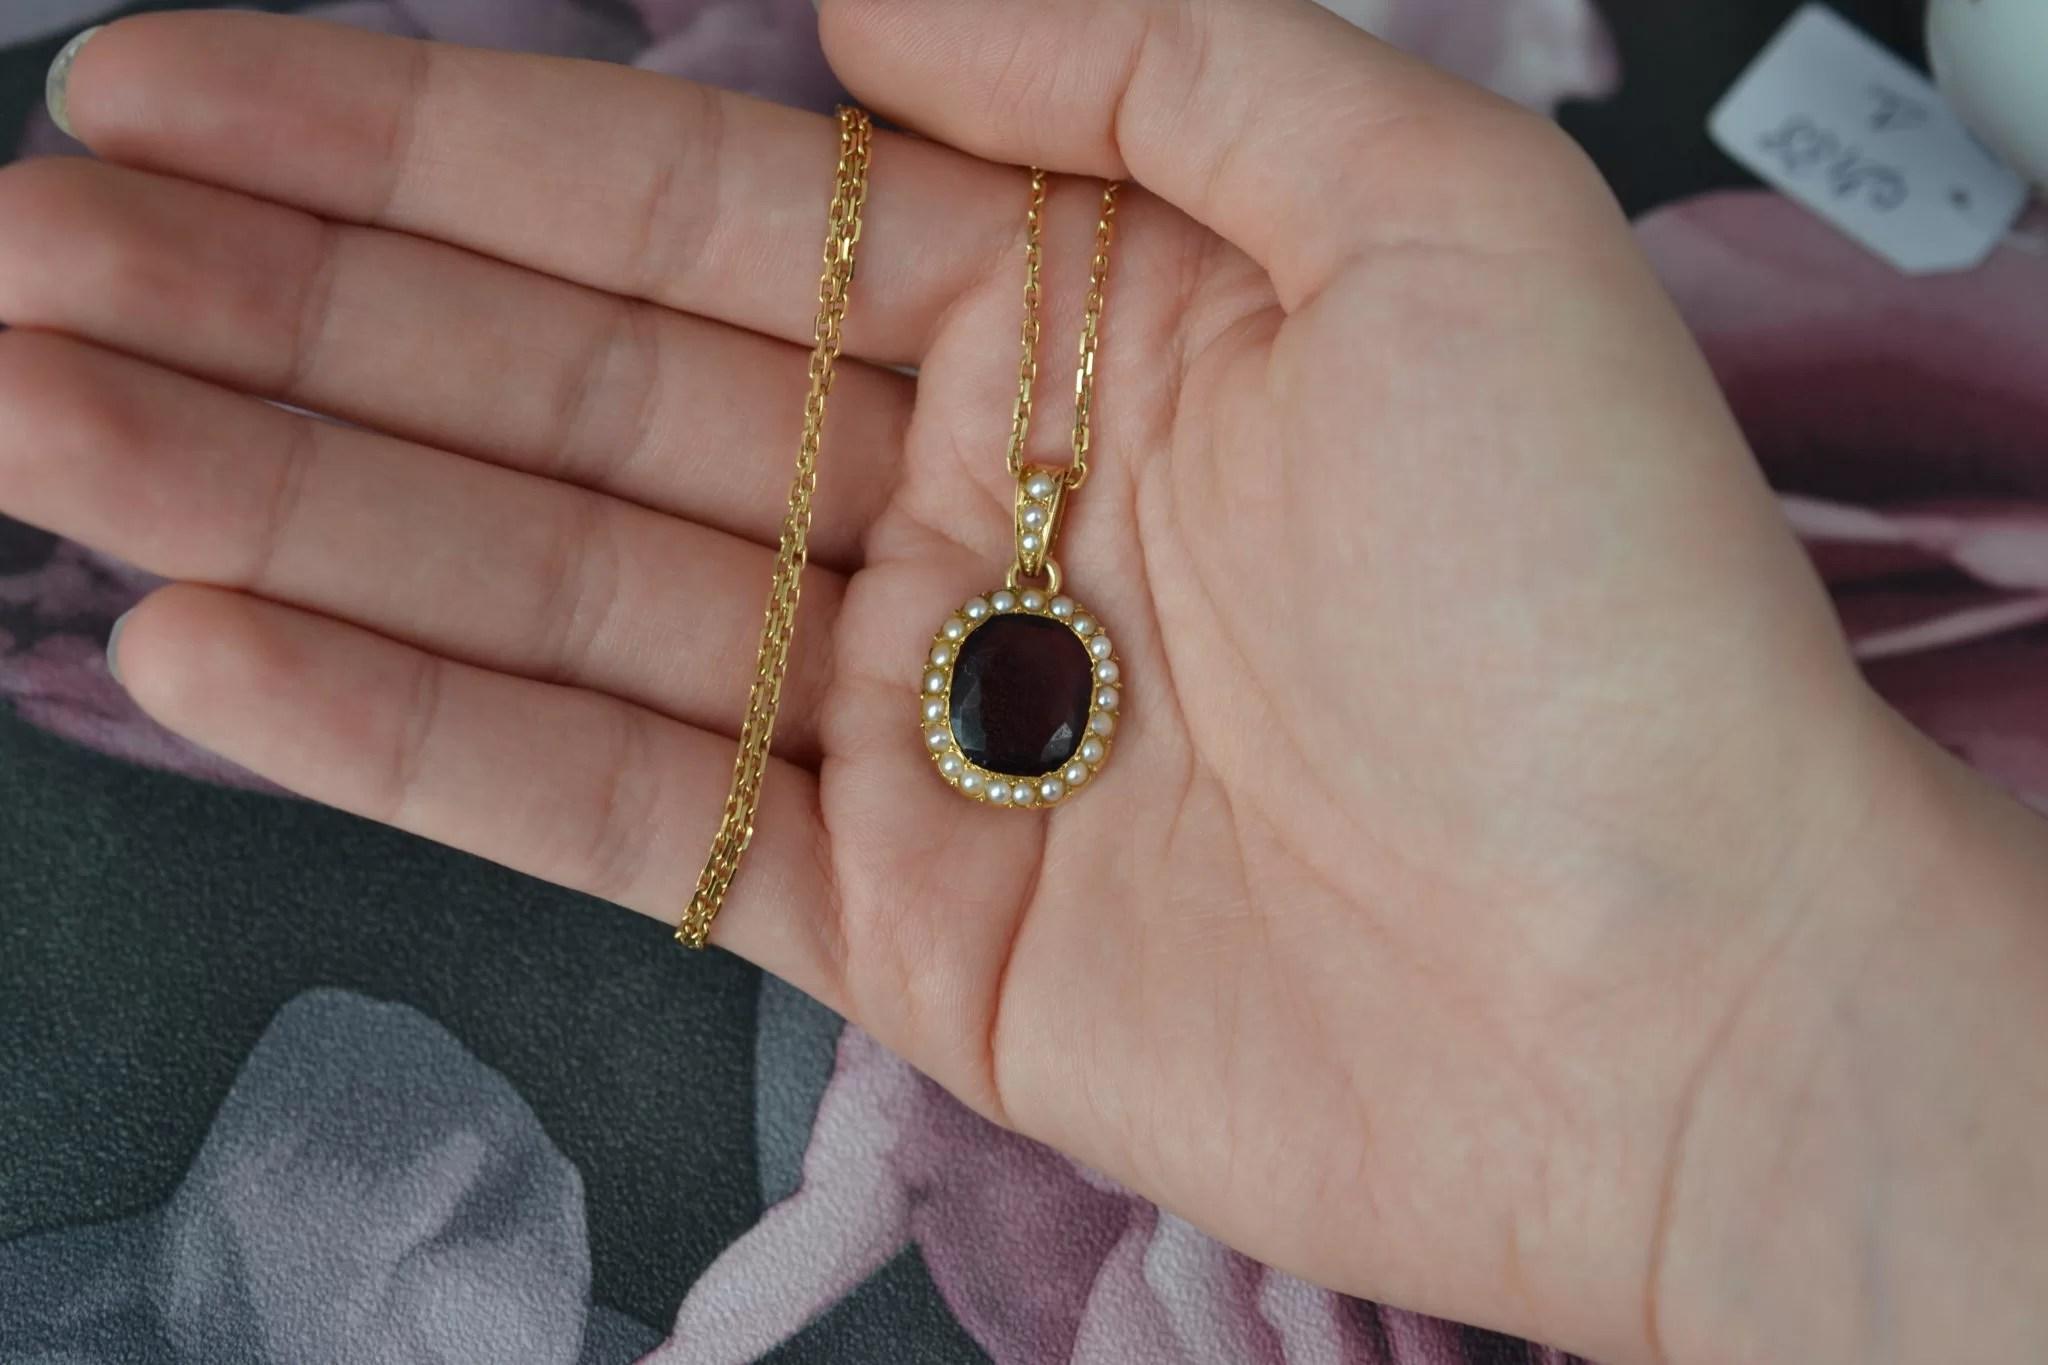 Pendentif en Or jaune serti d_une verrerie couleur grenat et perles fantaisies - bijou éthique